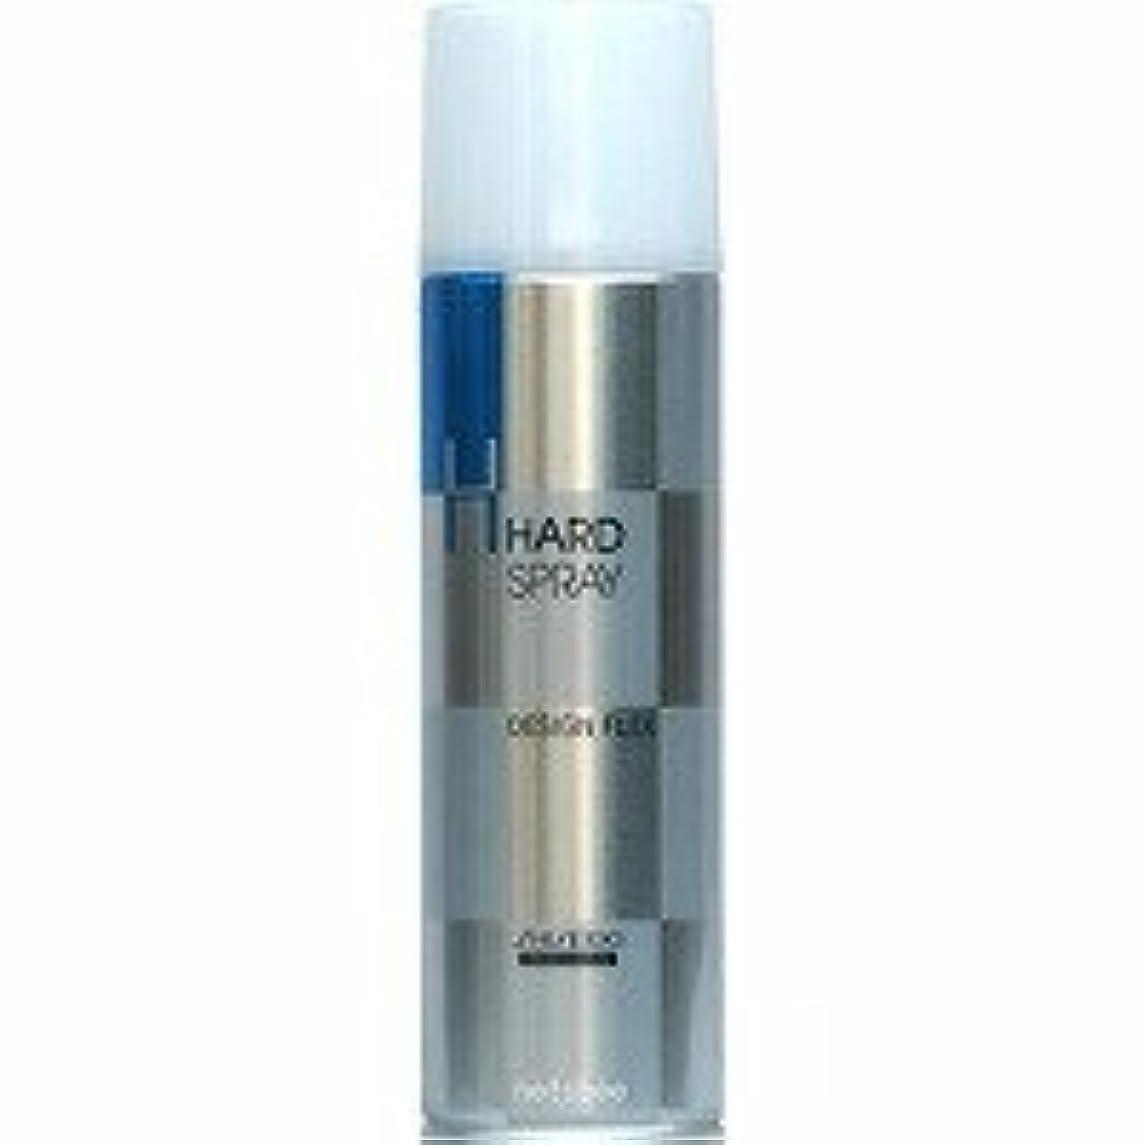 納屋征服観点【X3個セット】 資生堂プロフェッショナル デザインフレックス ハードスプレー 260g shiseido PROFESSIONAL